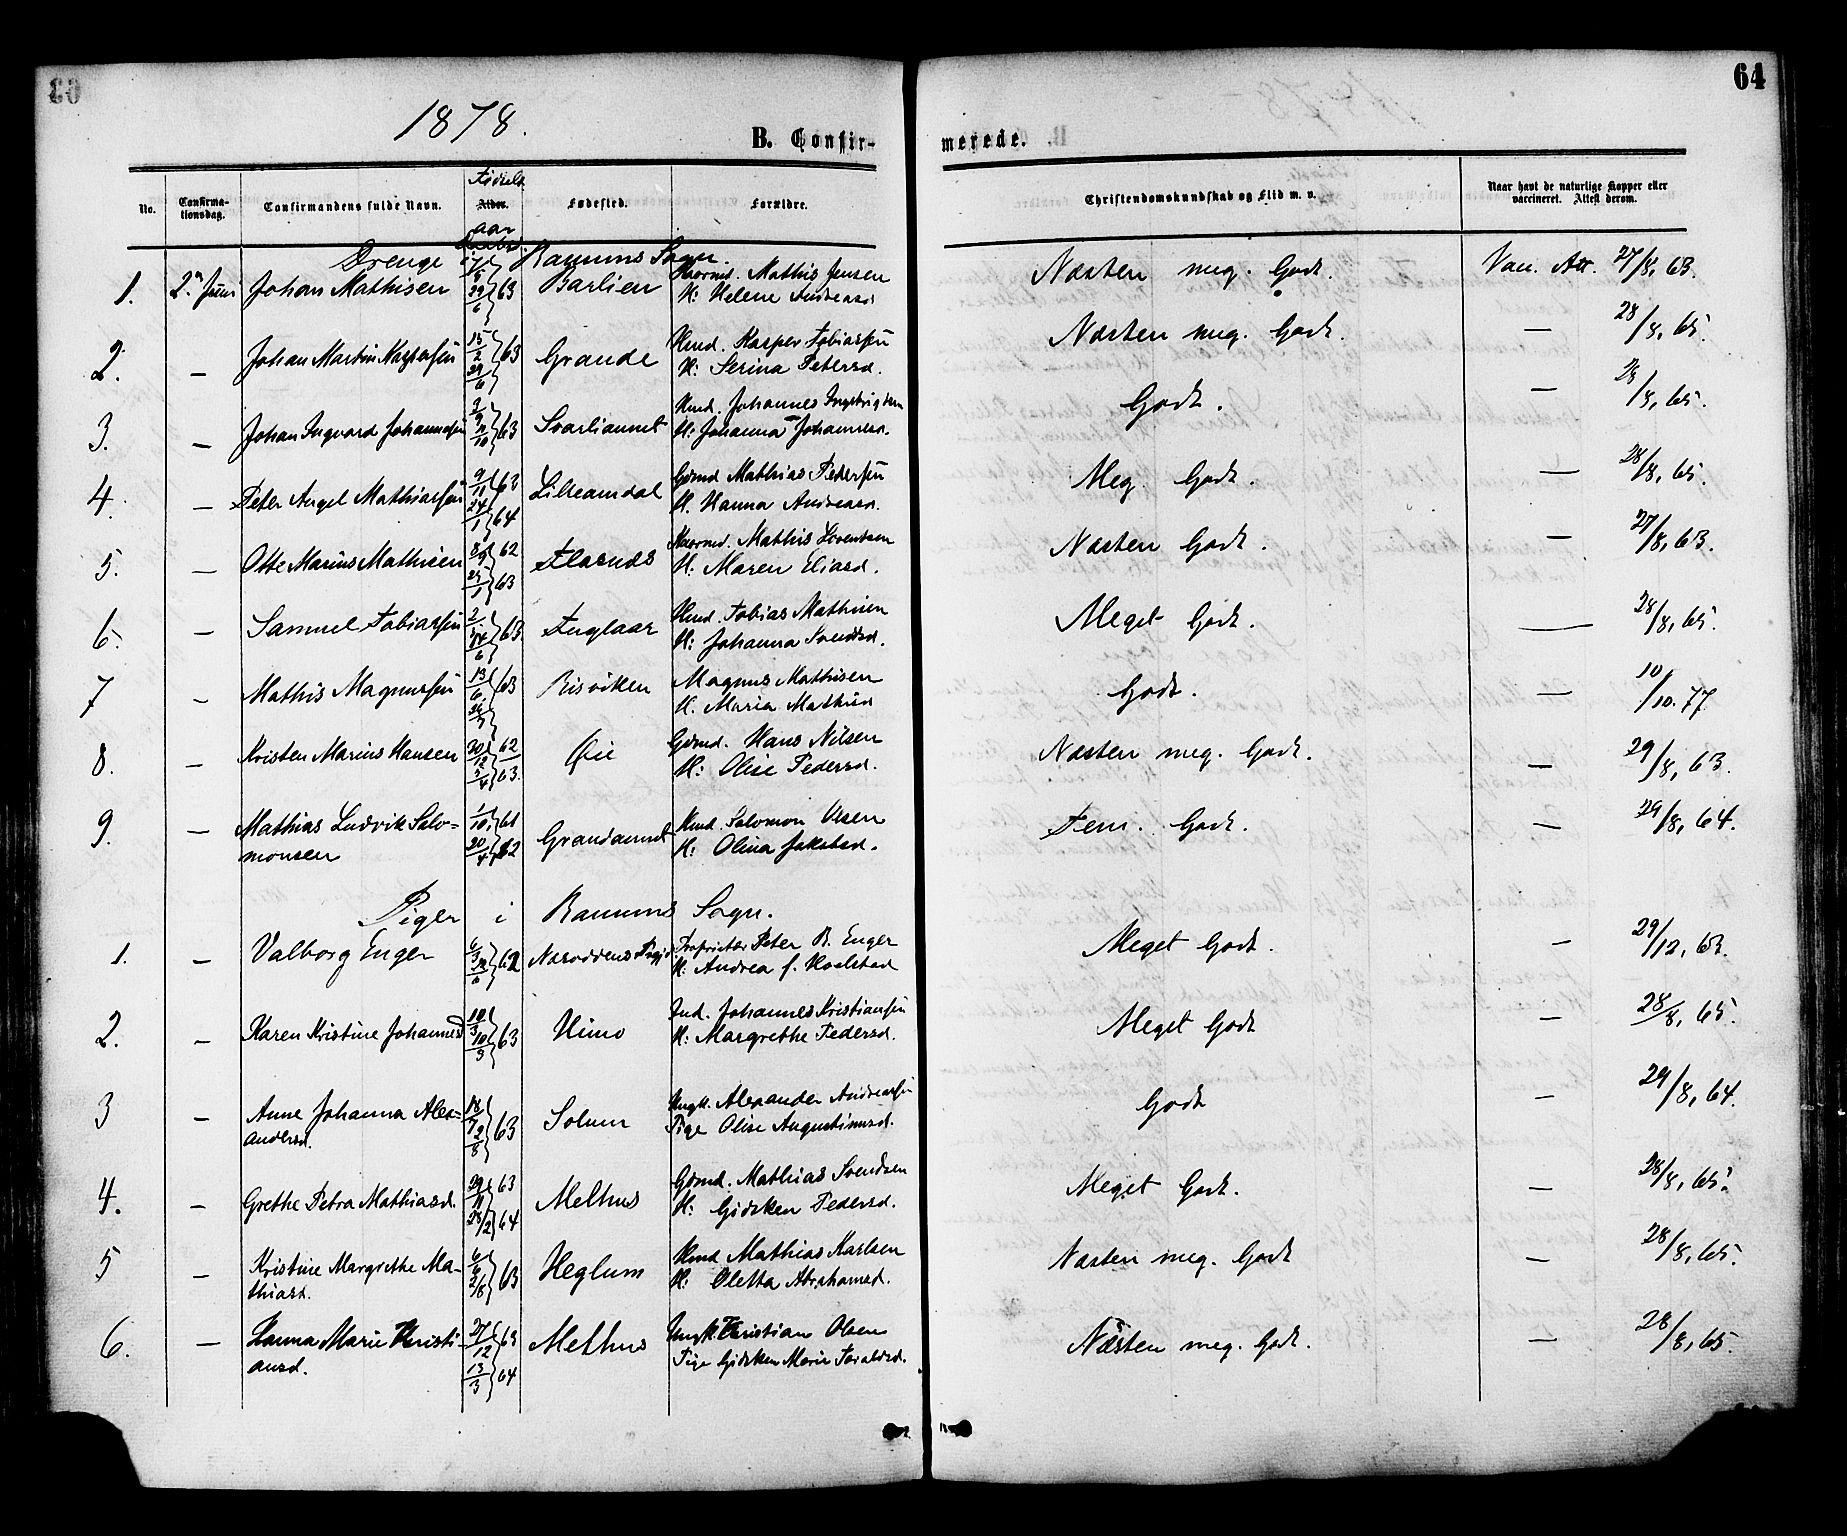 SAT, Ministerialprotokoller, klokkerbøker og fødselsregistre - Nord-Trøndelag, 764/L0553: Ministerialbok nr. 764A08, 1858-1880, s. 64